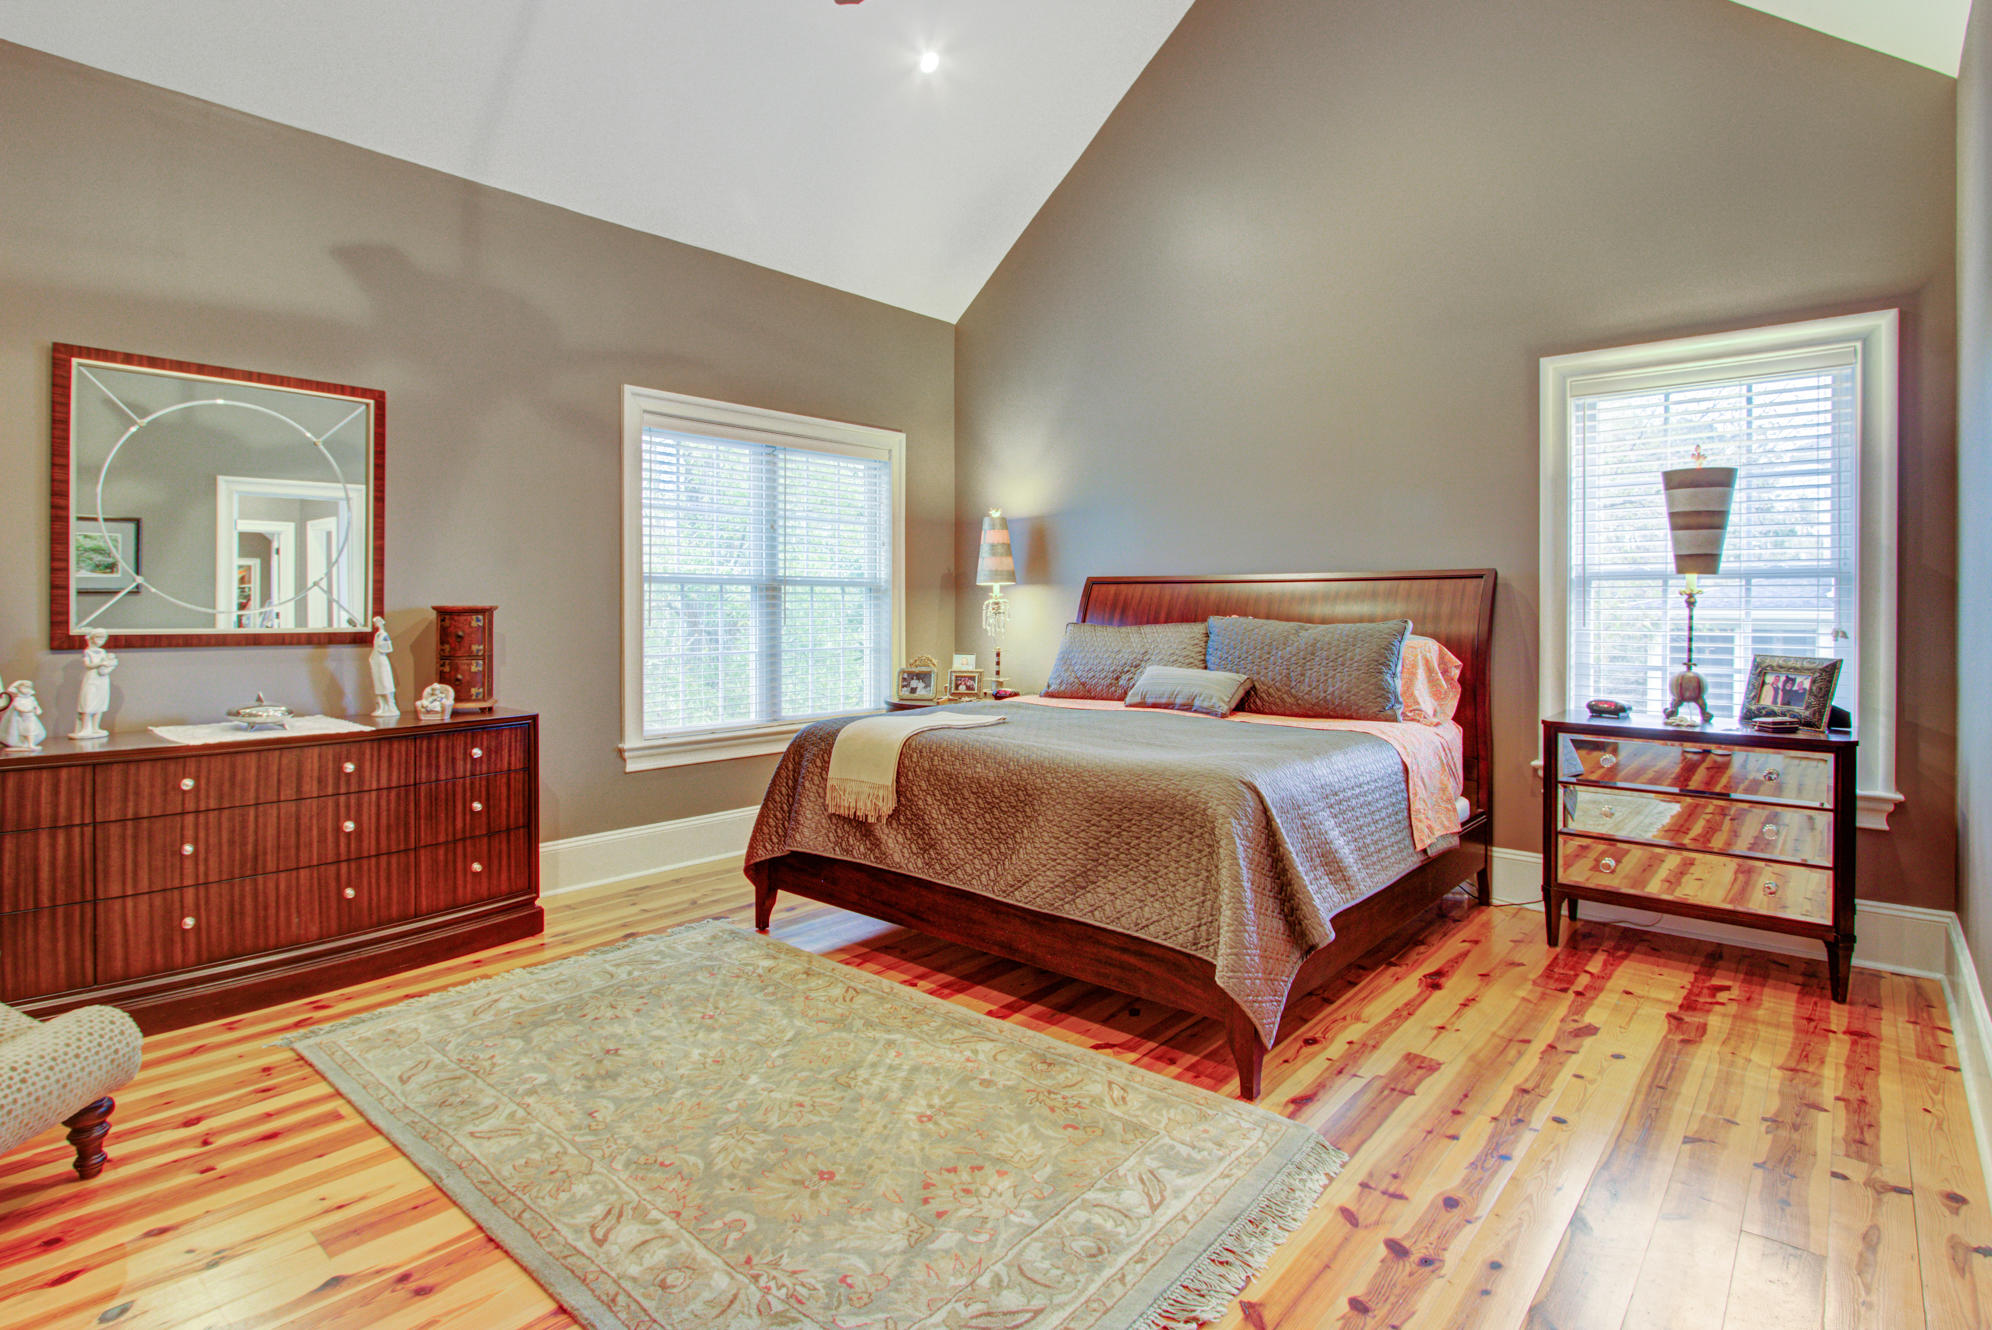 Park West Homes For Sale - 1527 Capel, Mount Pleasant, SC - 30